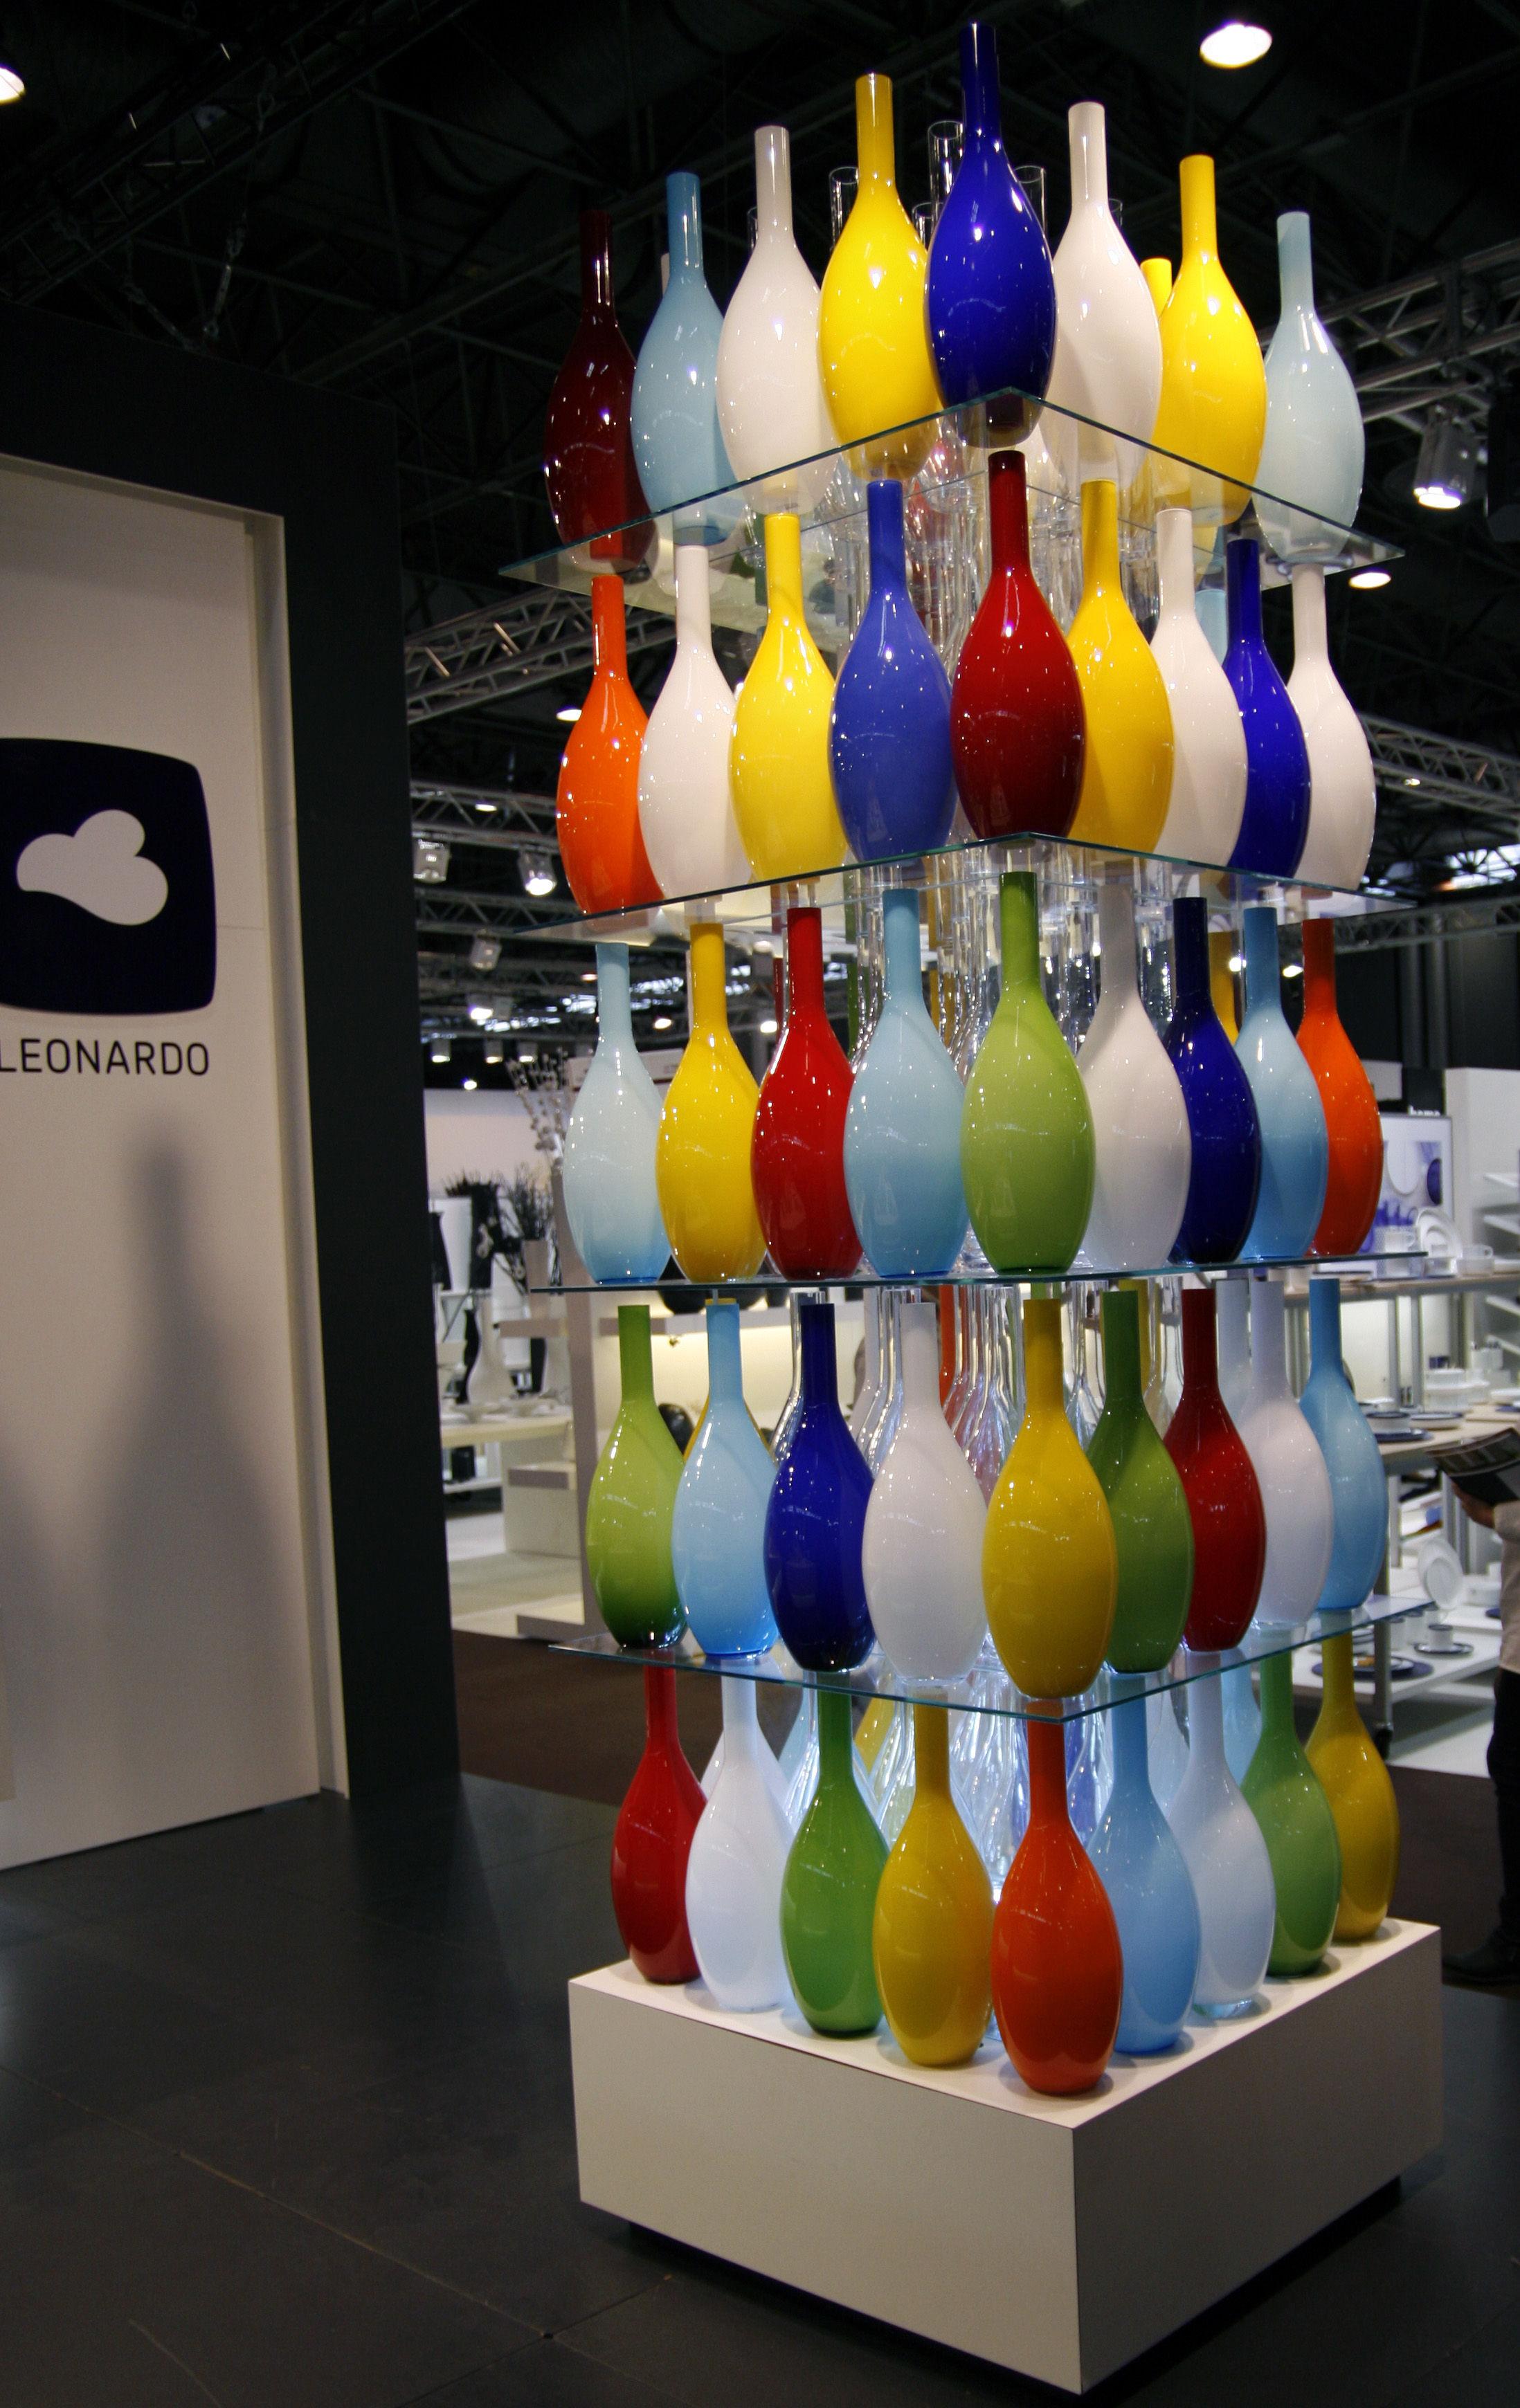 Déco - Vases - Vase Beauty H 50 cm - Leonardo - Rouge - Verre